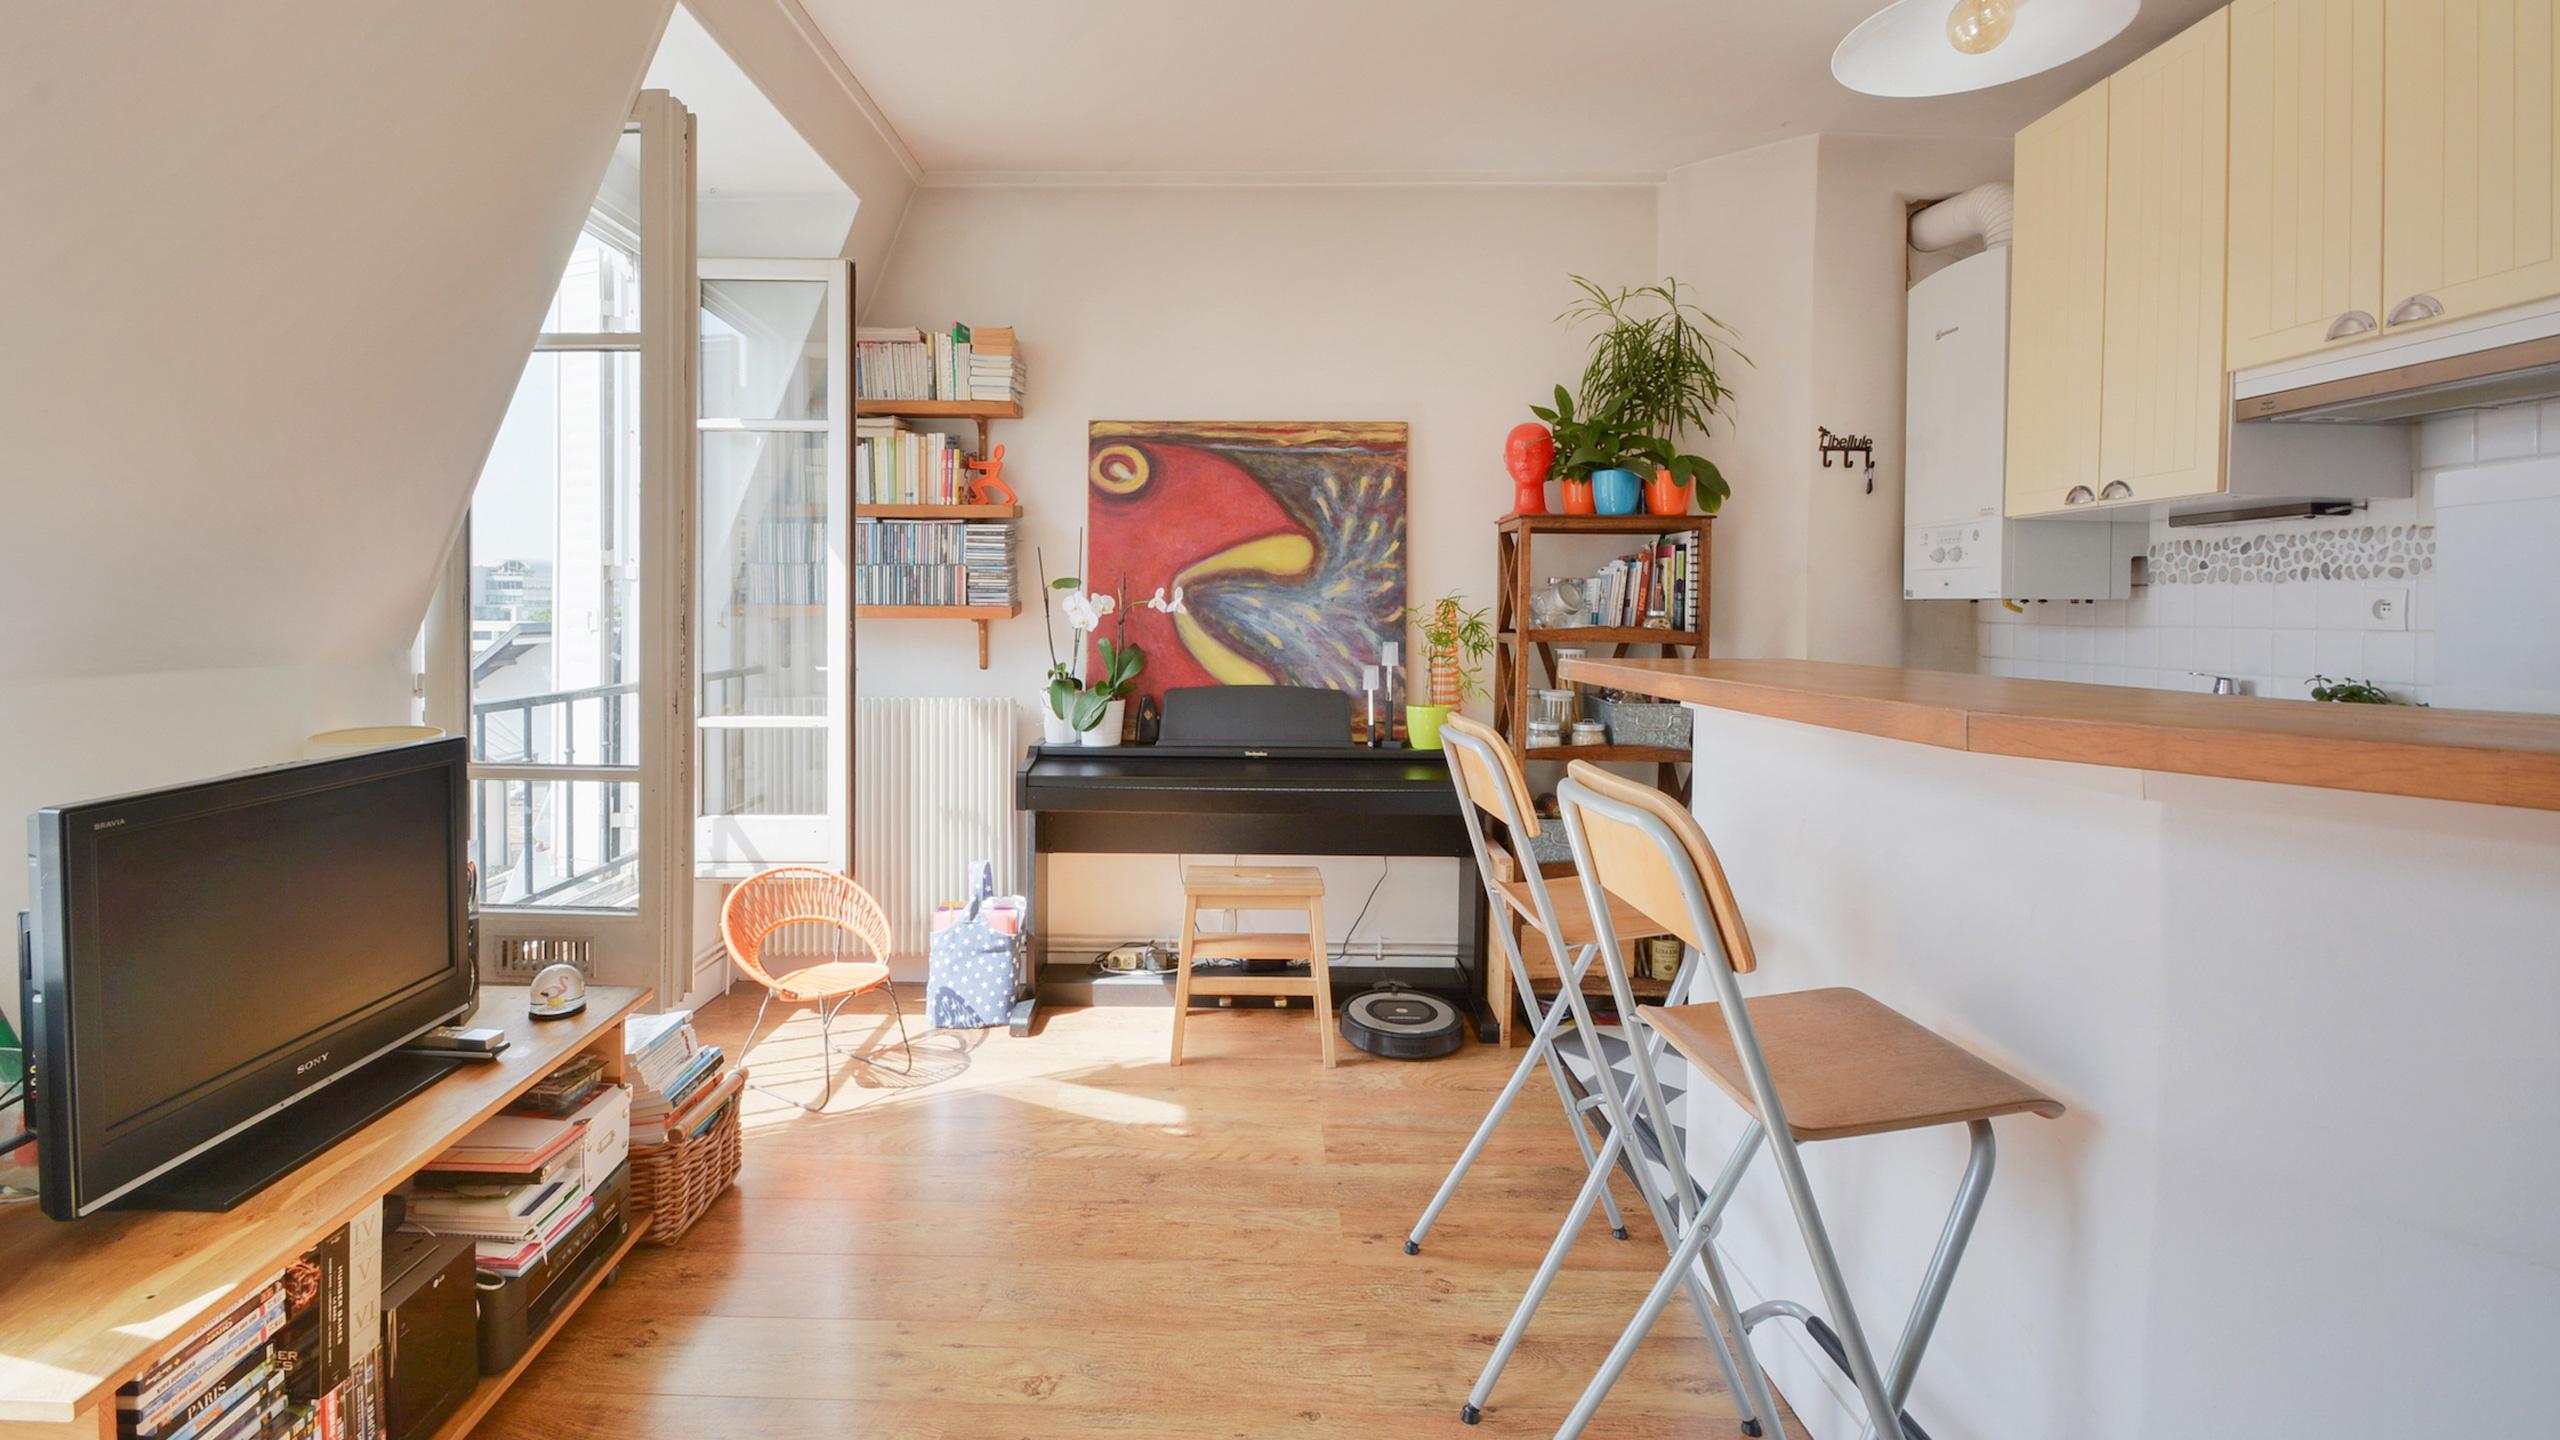 Appartement 3 pièces, 44 m<sup>2</sup>  (75012) # attention, une pépite peut en cacher une autre !